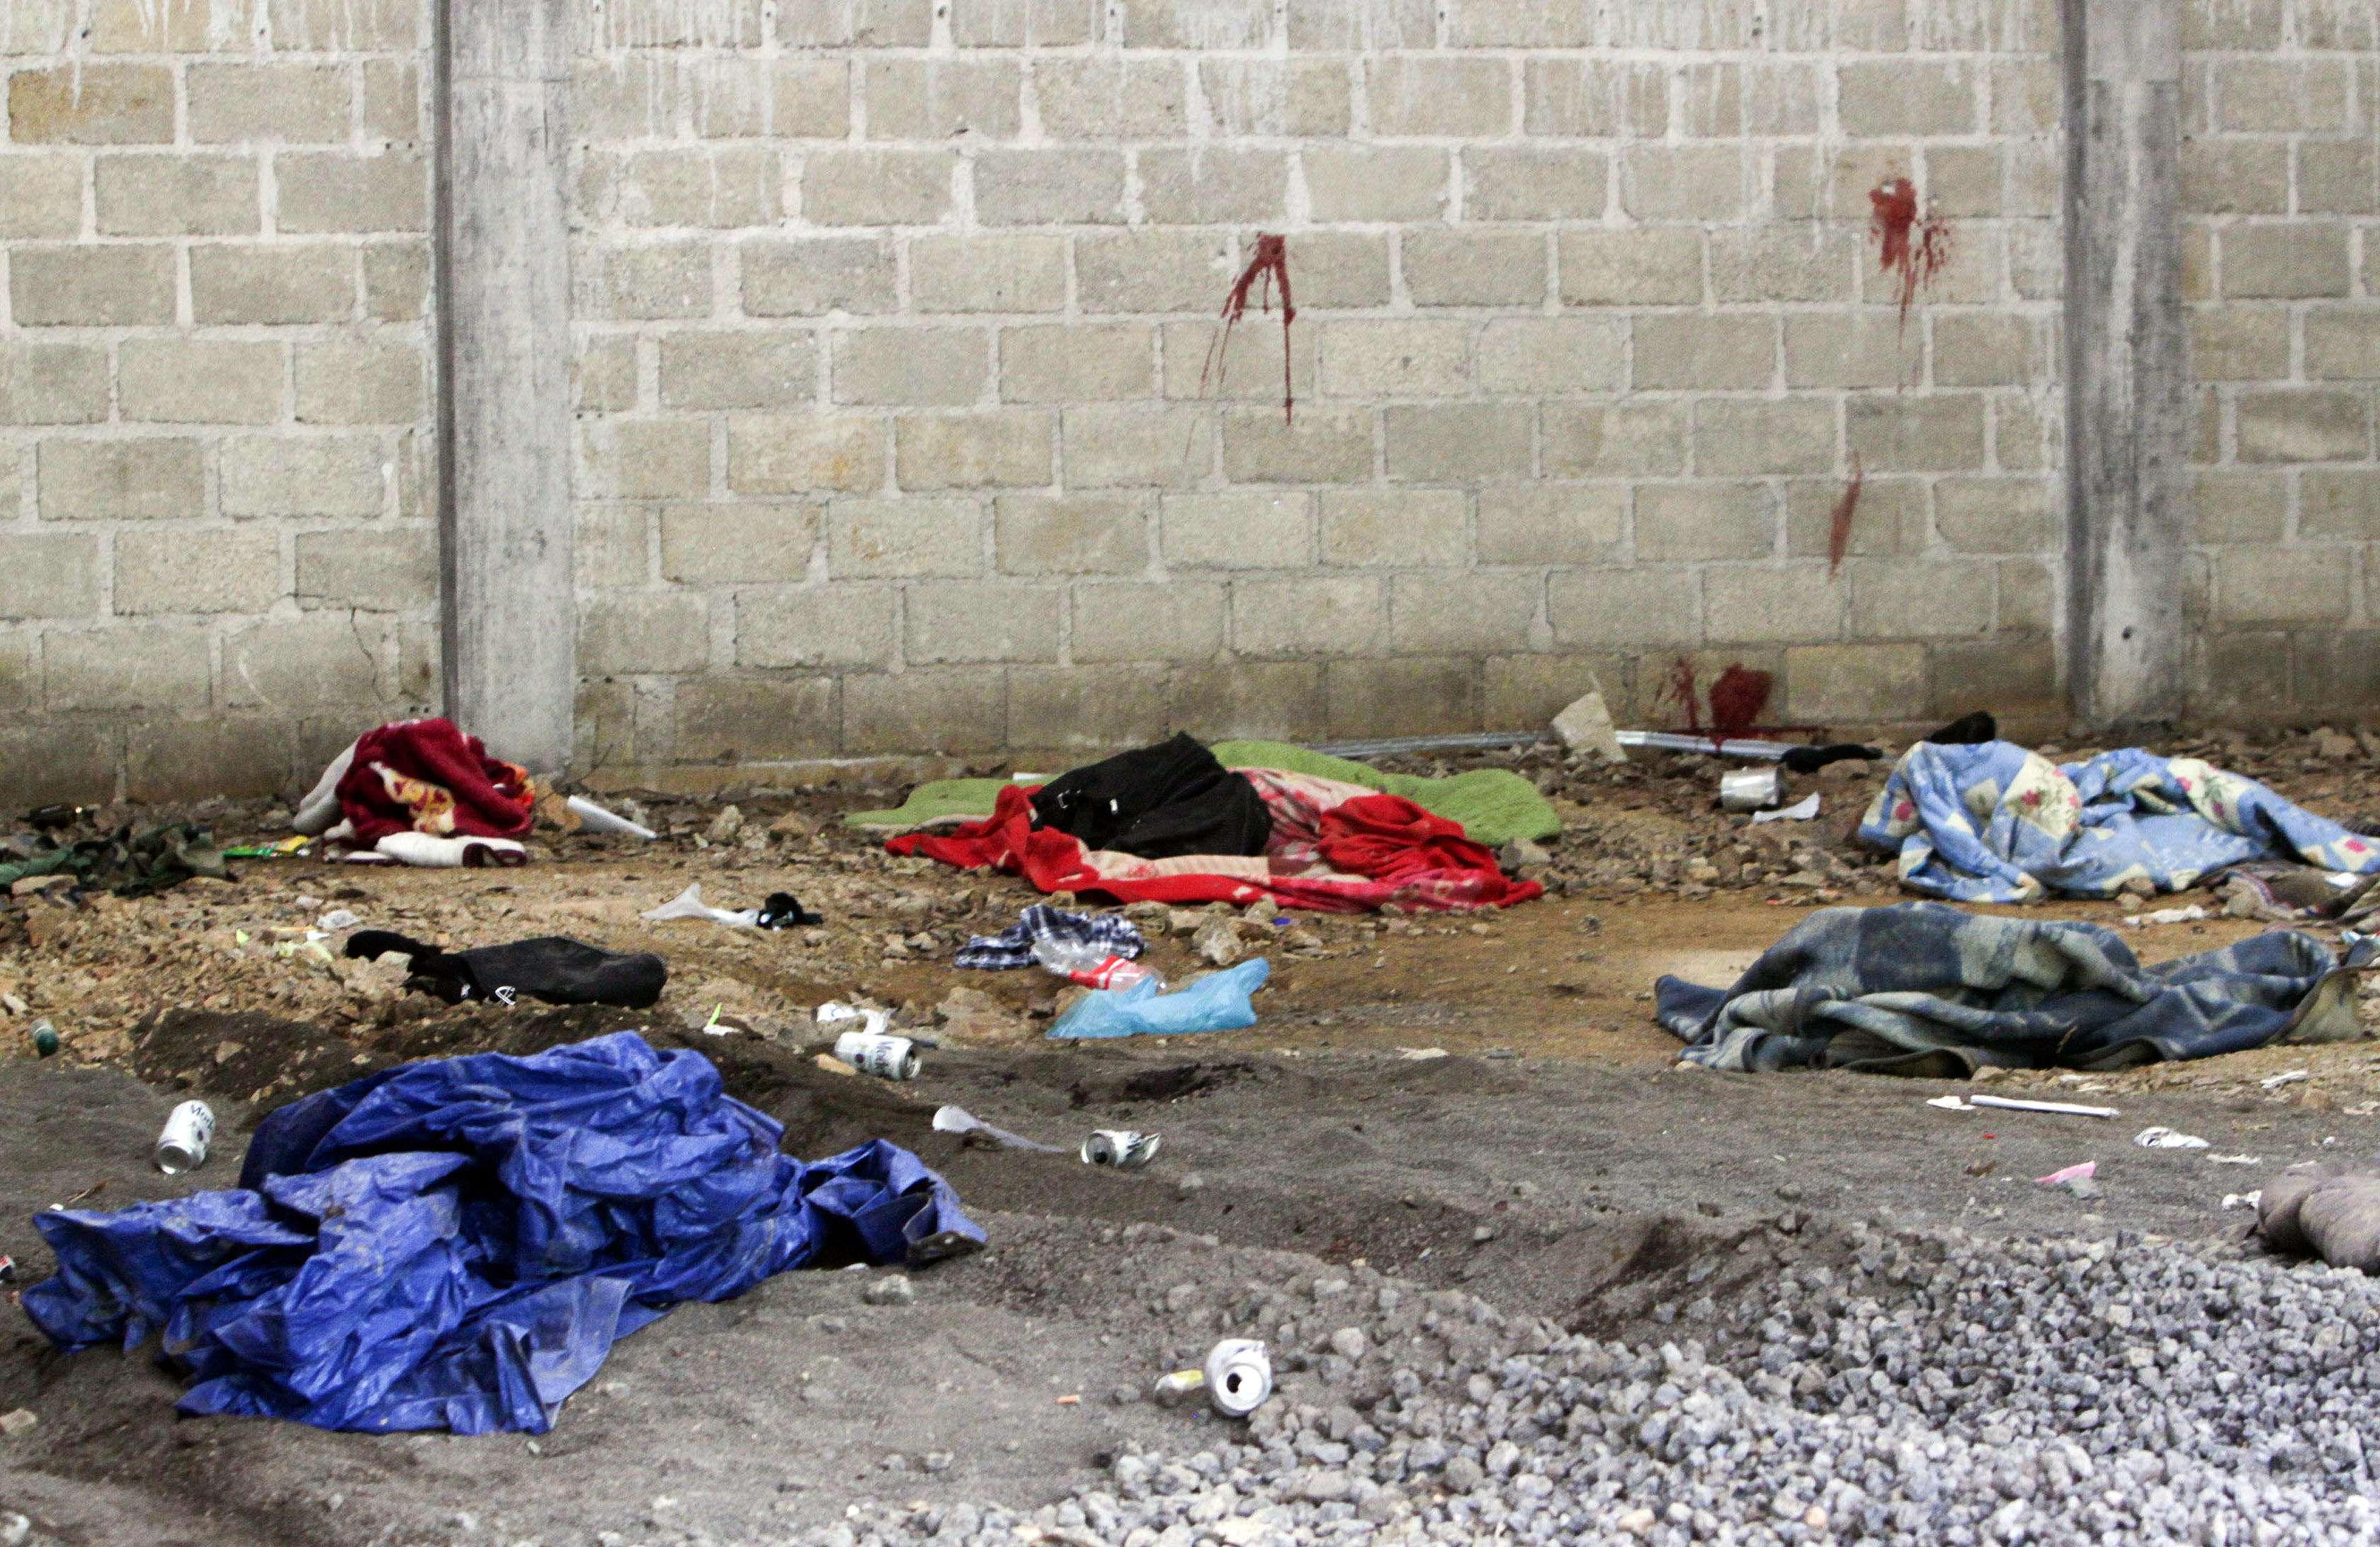 La Sedena tampoco especificó cuál fue la participación de los soldados en el caso, que también está siendo investigado por la Procuraduría General. Foto: AFP en español